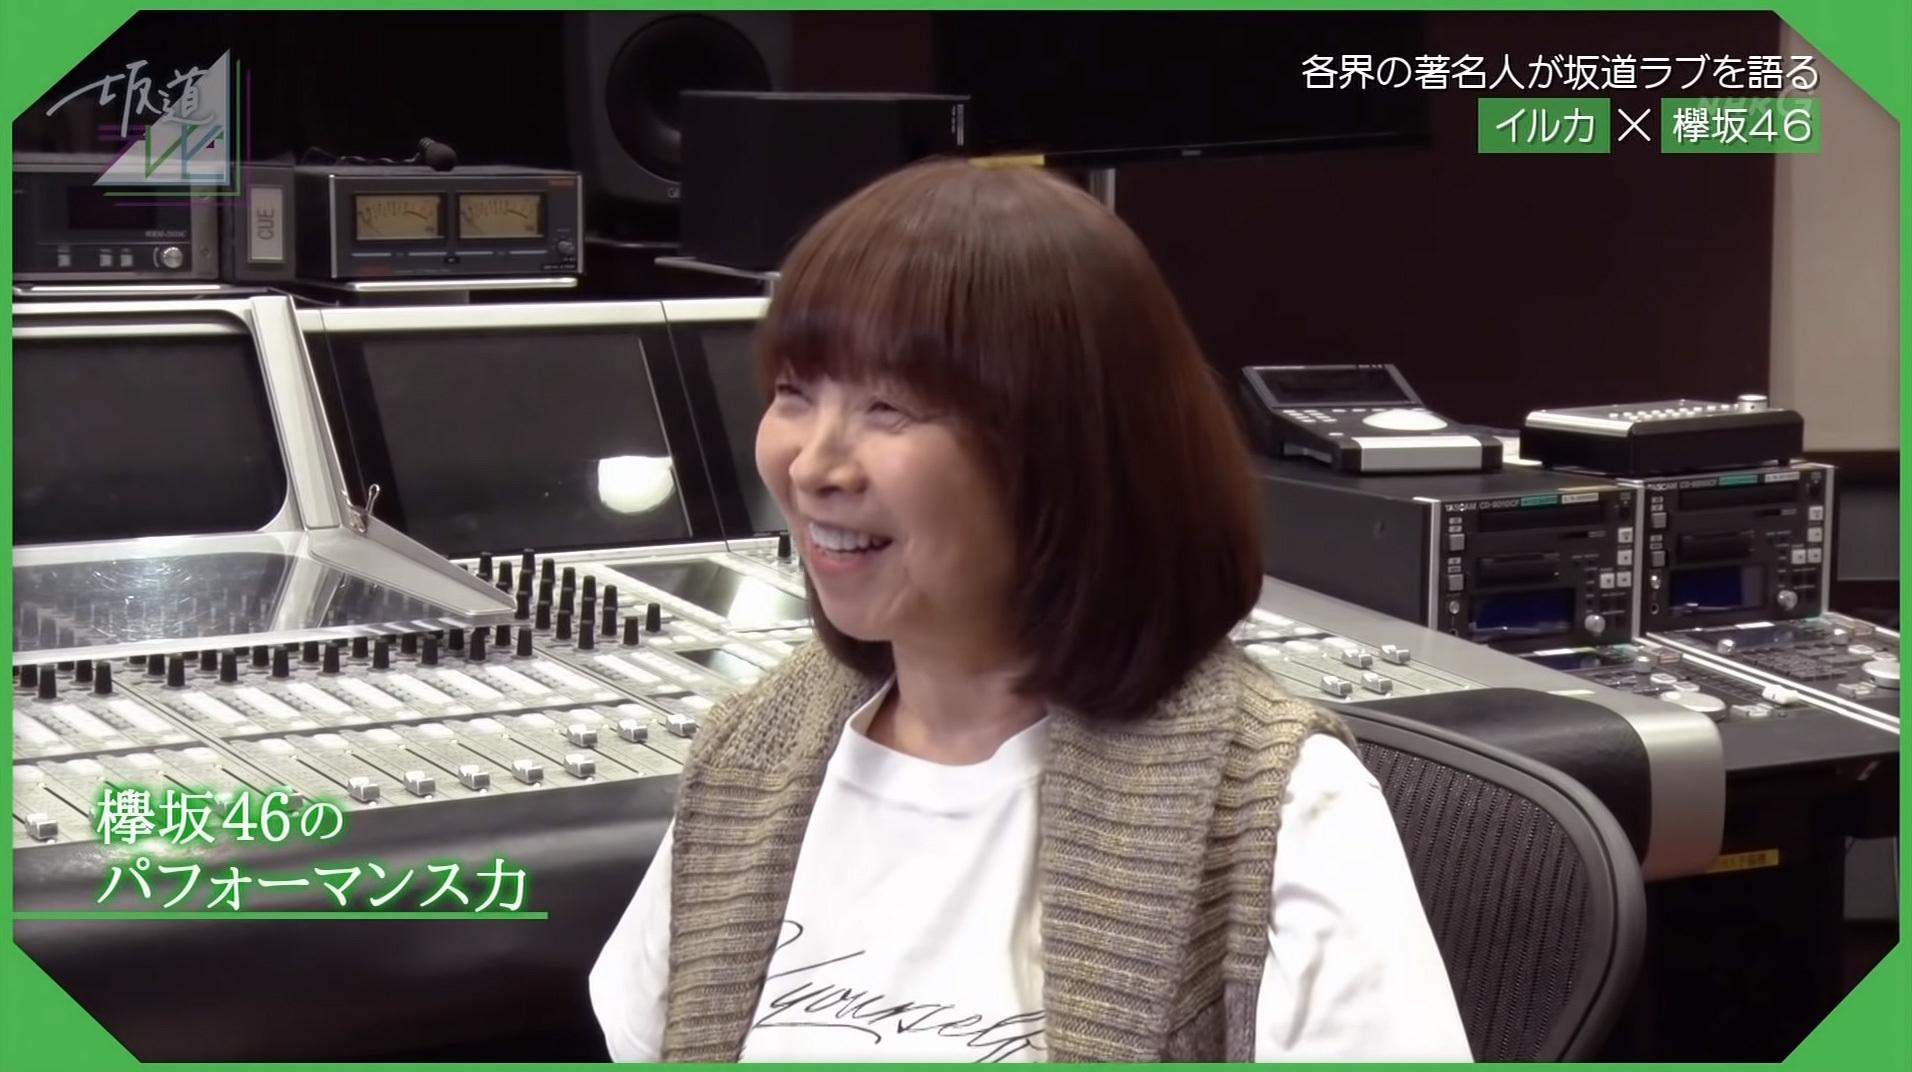 坂道テレビ 欅坂46 イルカ